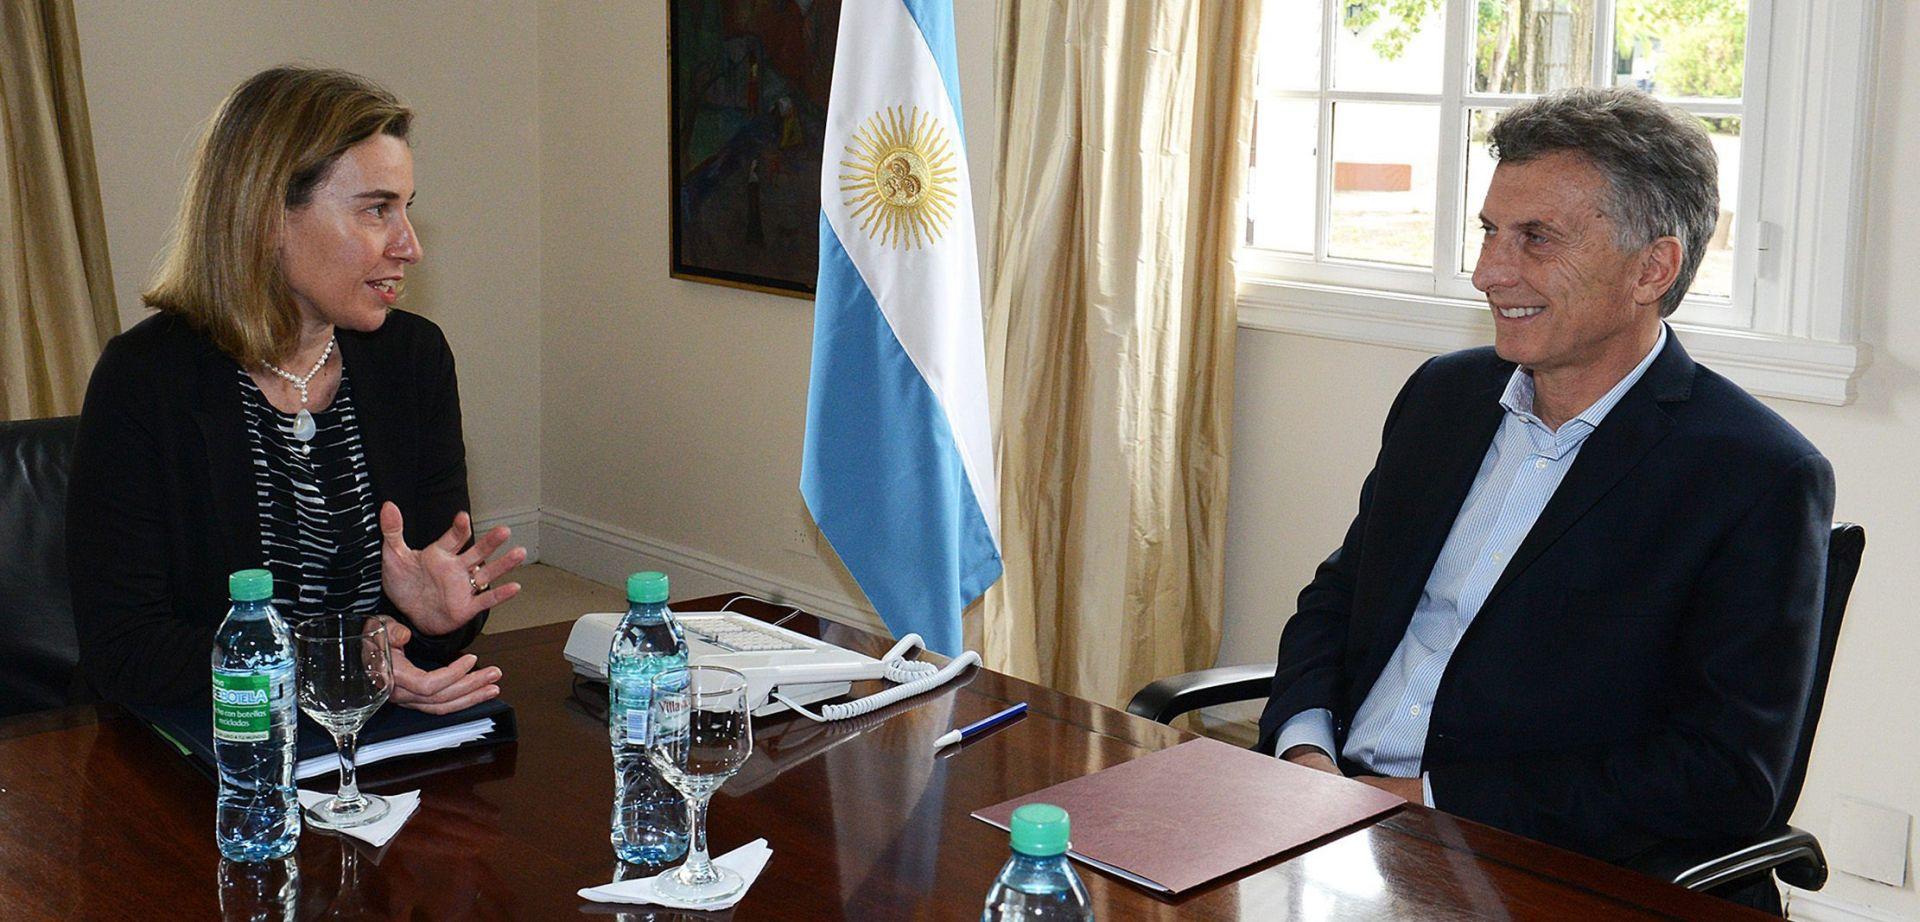 Argentinski predsjednik će tražiti od Obame da skine oznaku tajnosti s dokumenata o diktaturi